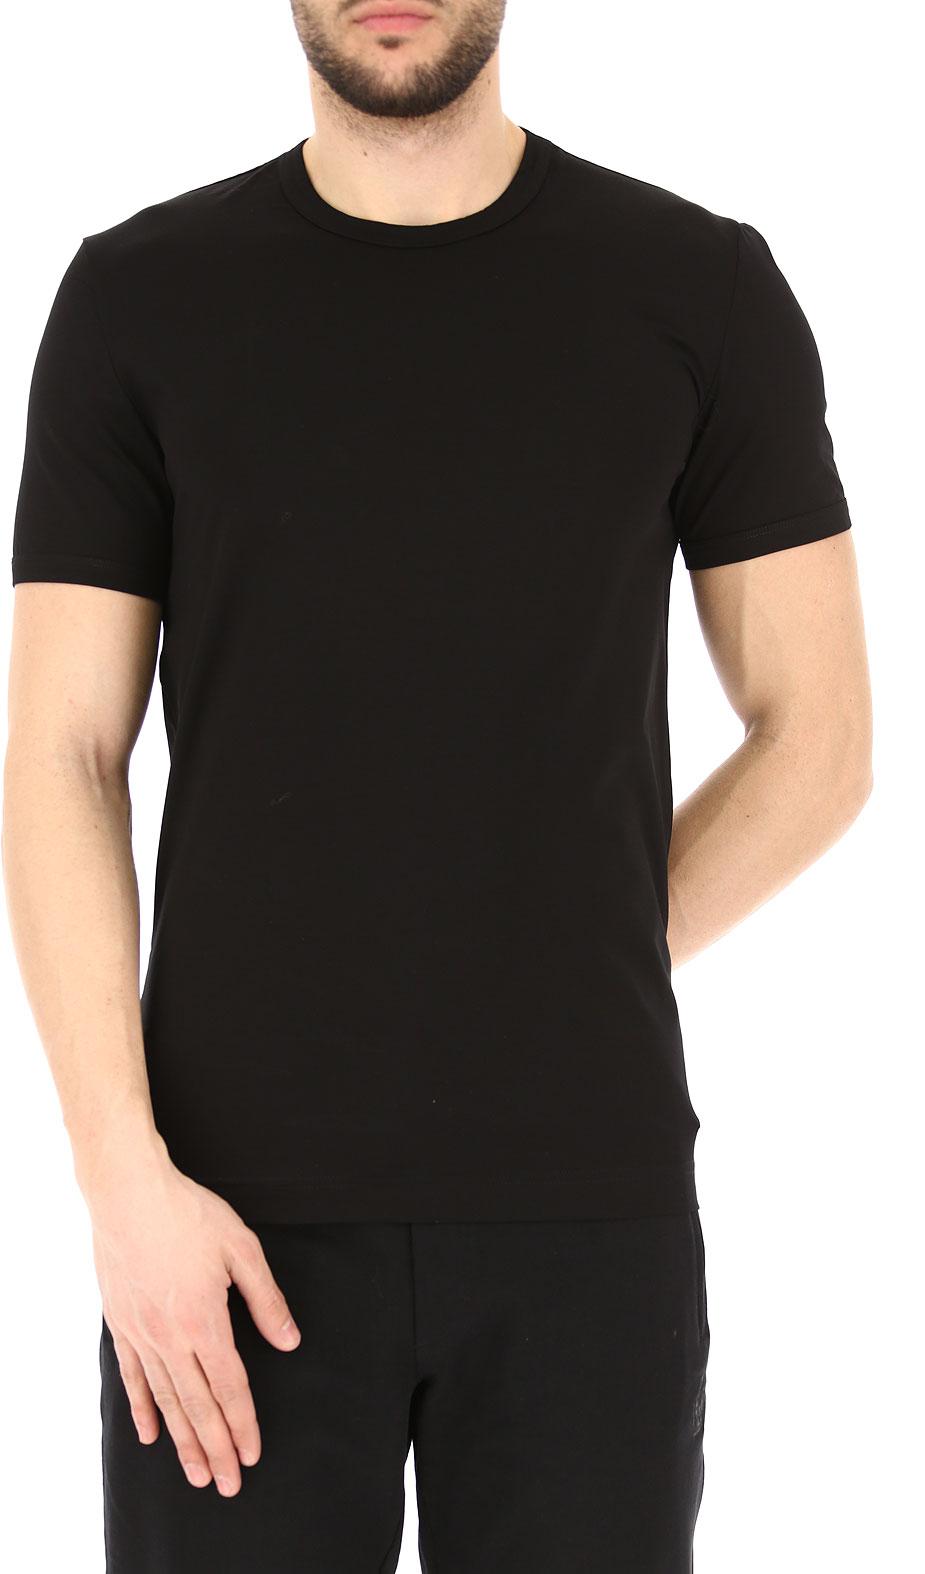 Vêtements fugij De n0000 Homme PièceN8d00j amp; Gabbana DouxNuméro eEIYb2DHW9